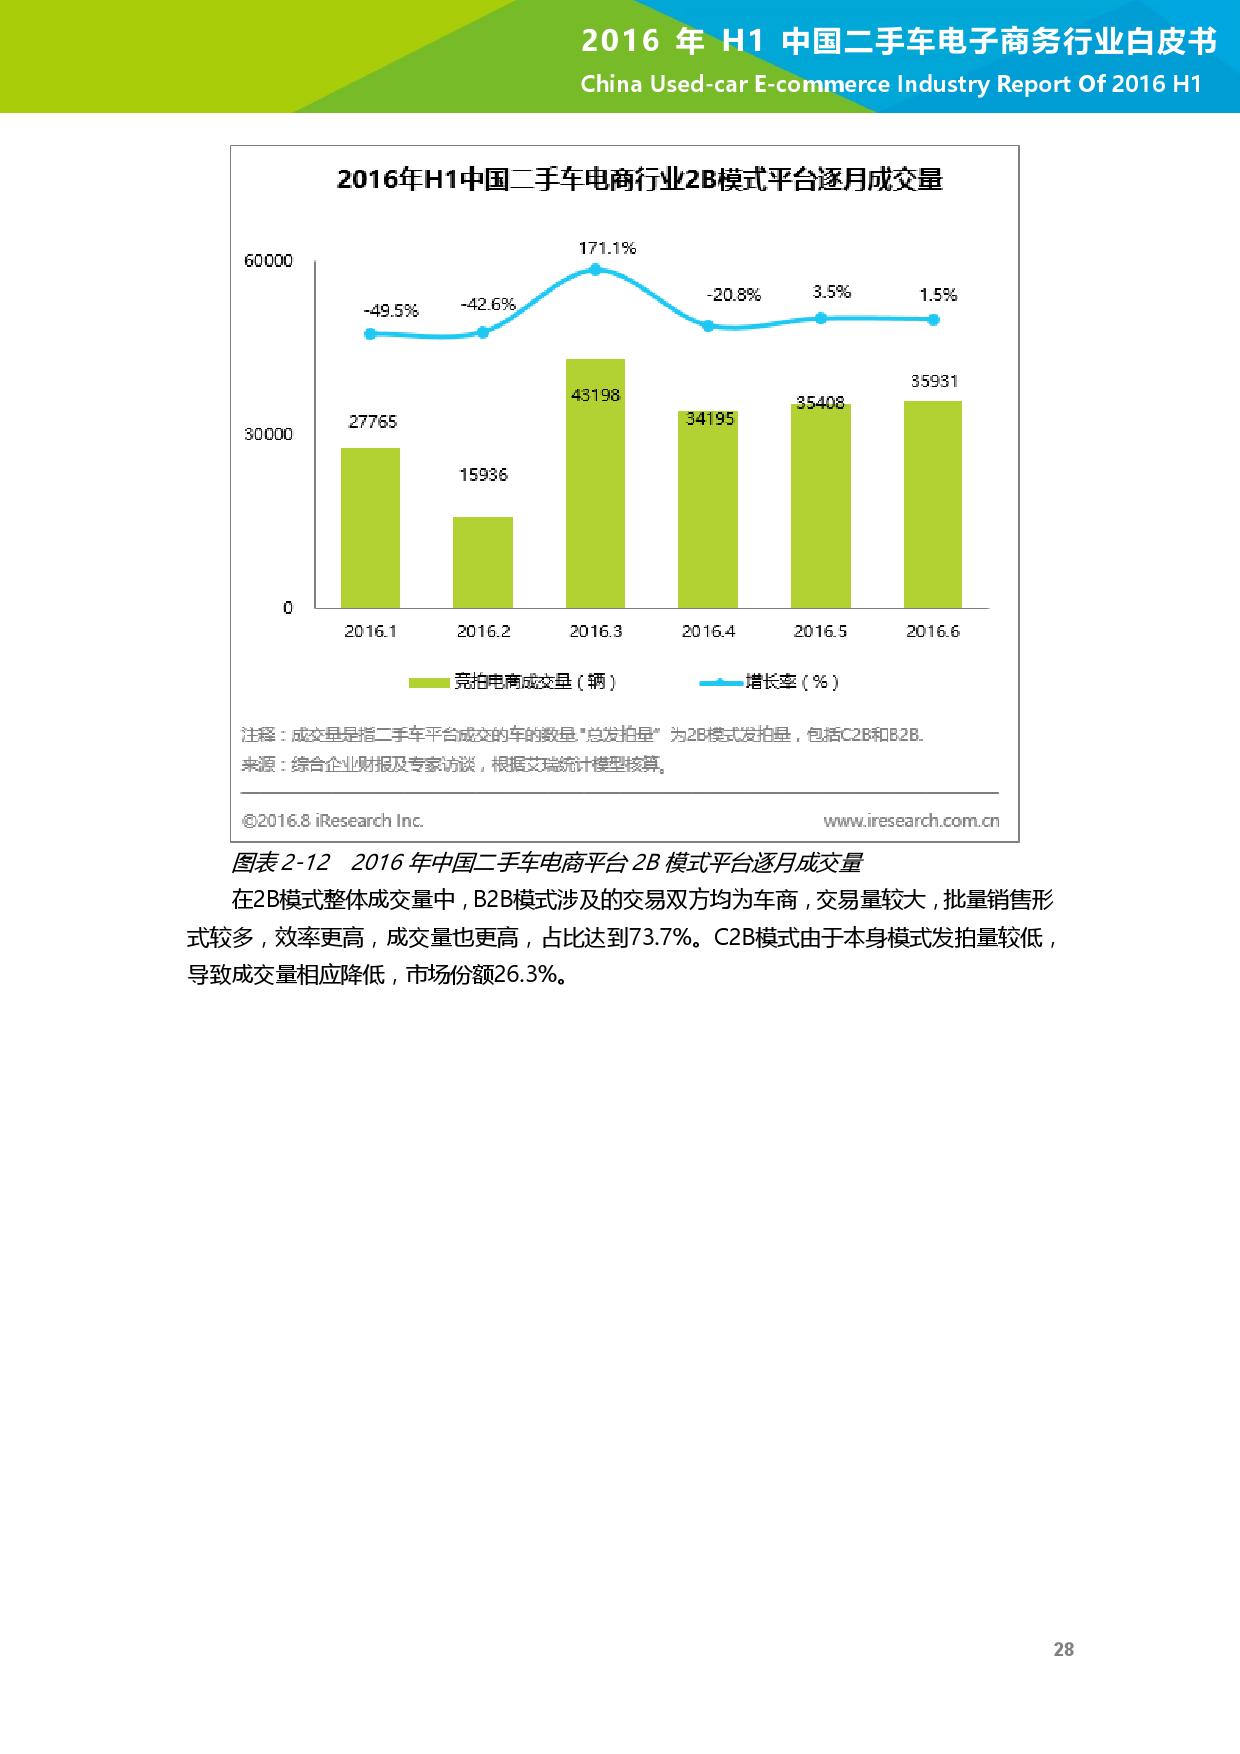 2016年H1中国二手车电子商务行业白皮书_000029